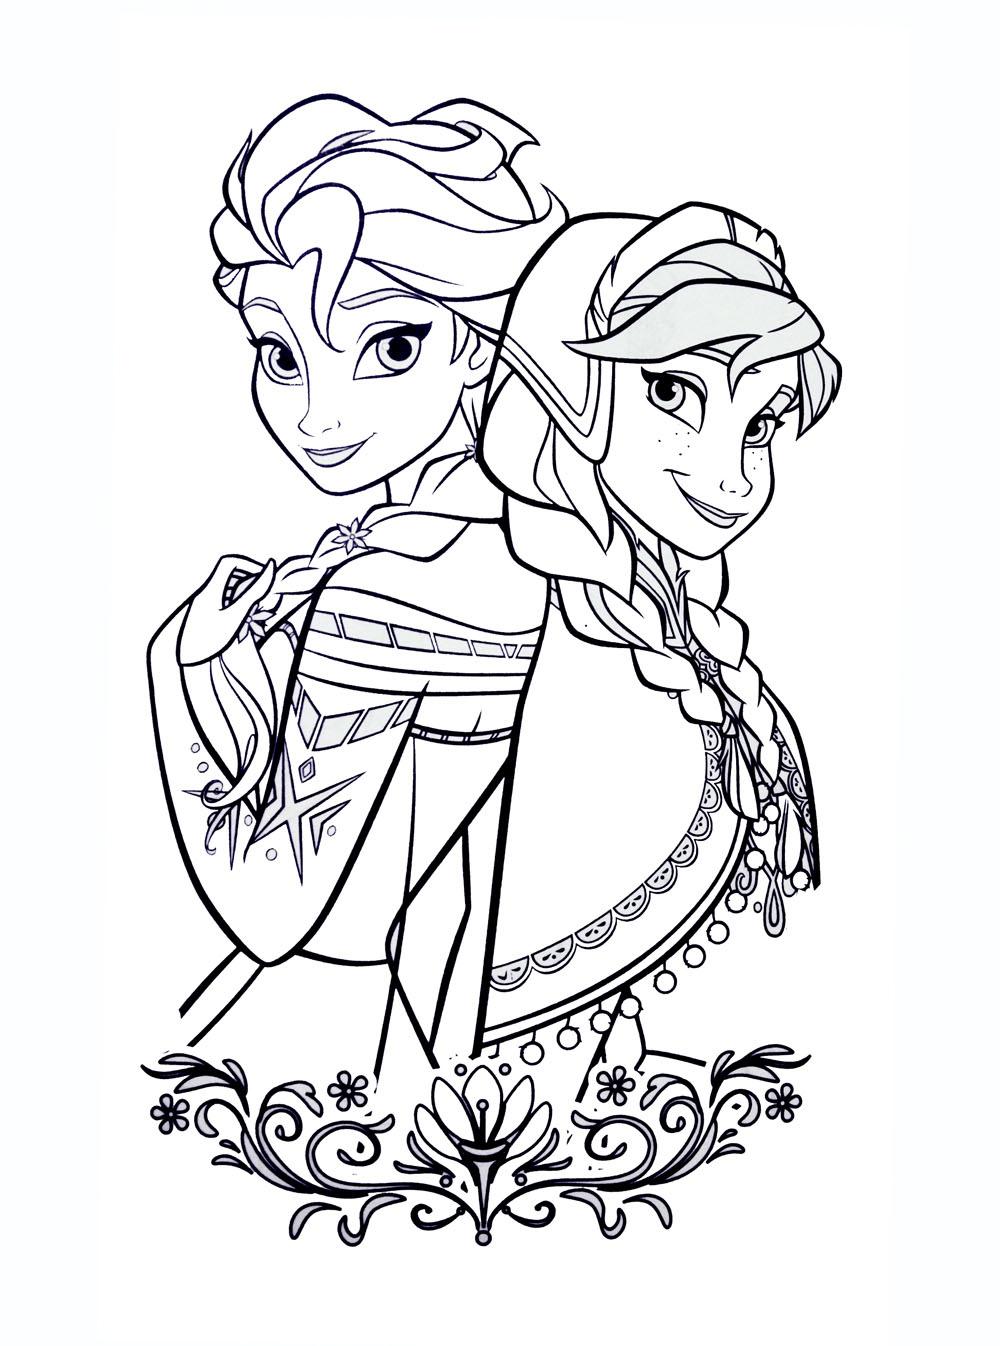 Tranh tô màu Elsa và Anna 17